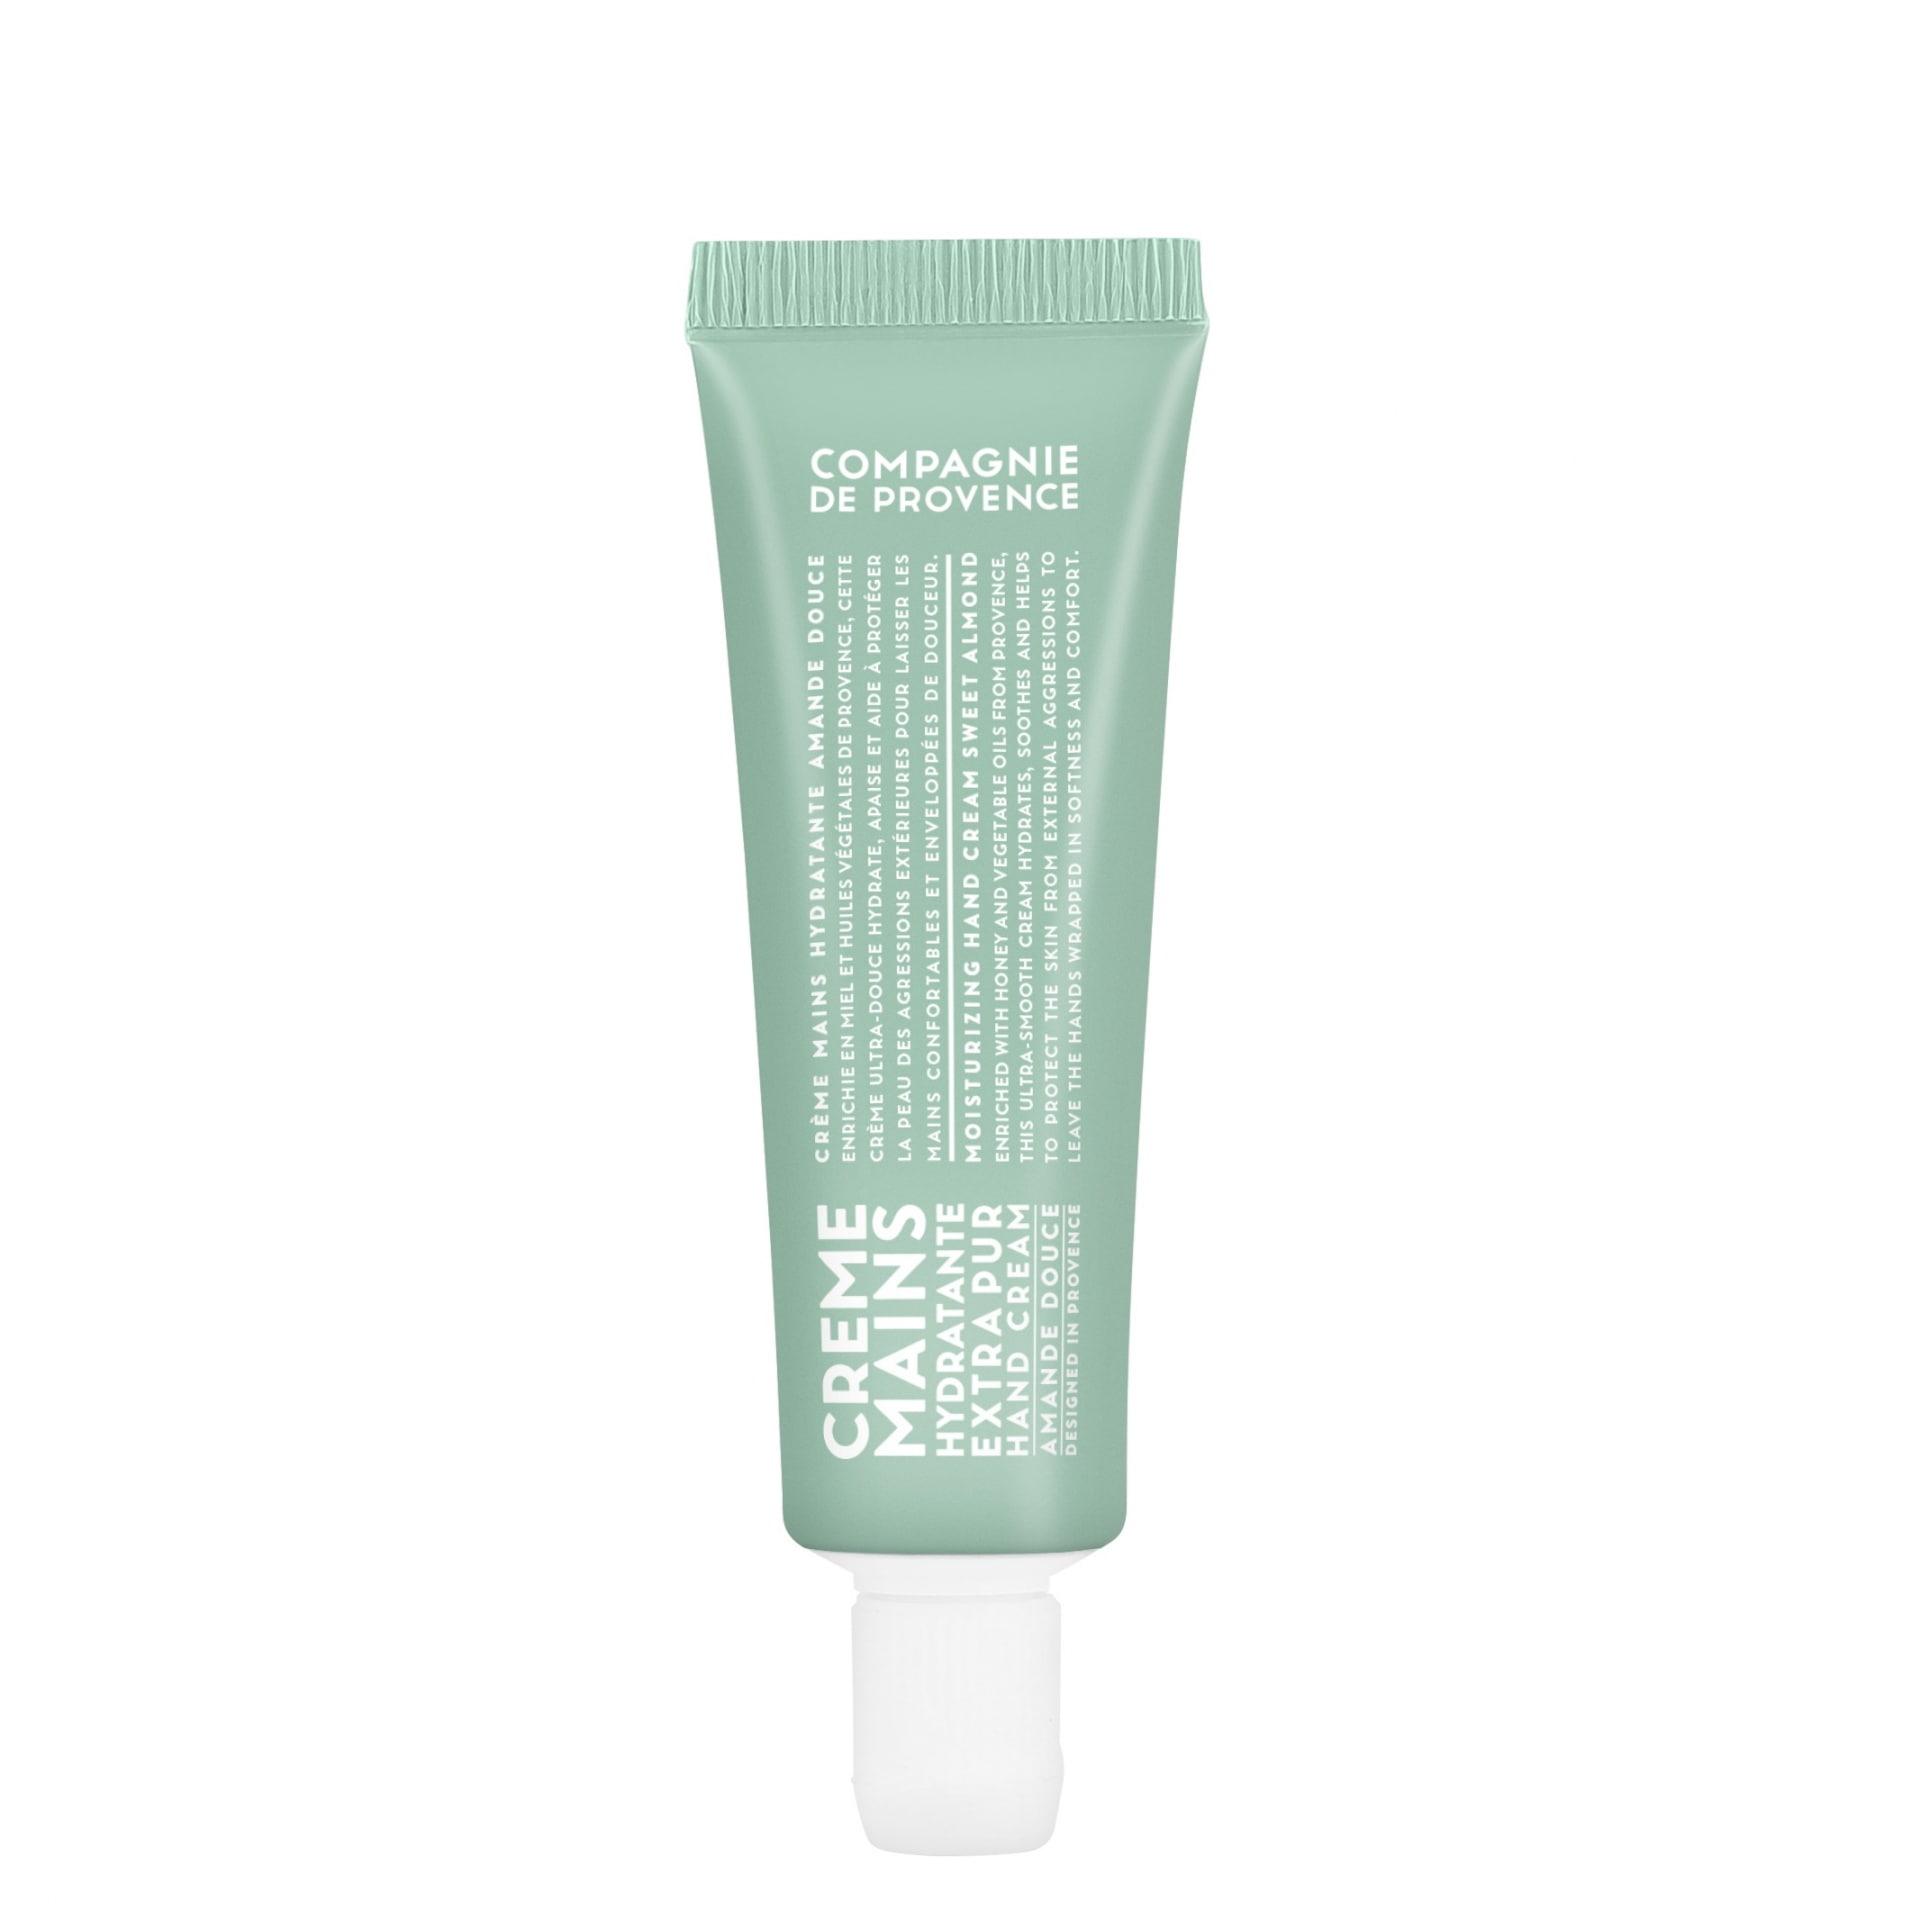 COMPAGNIE DE PROVENCE Krém na ruce - Amande Douce 30 ml, multi barva, plast